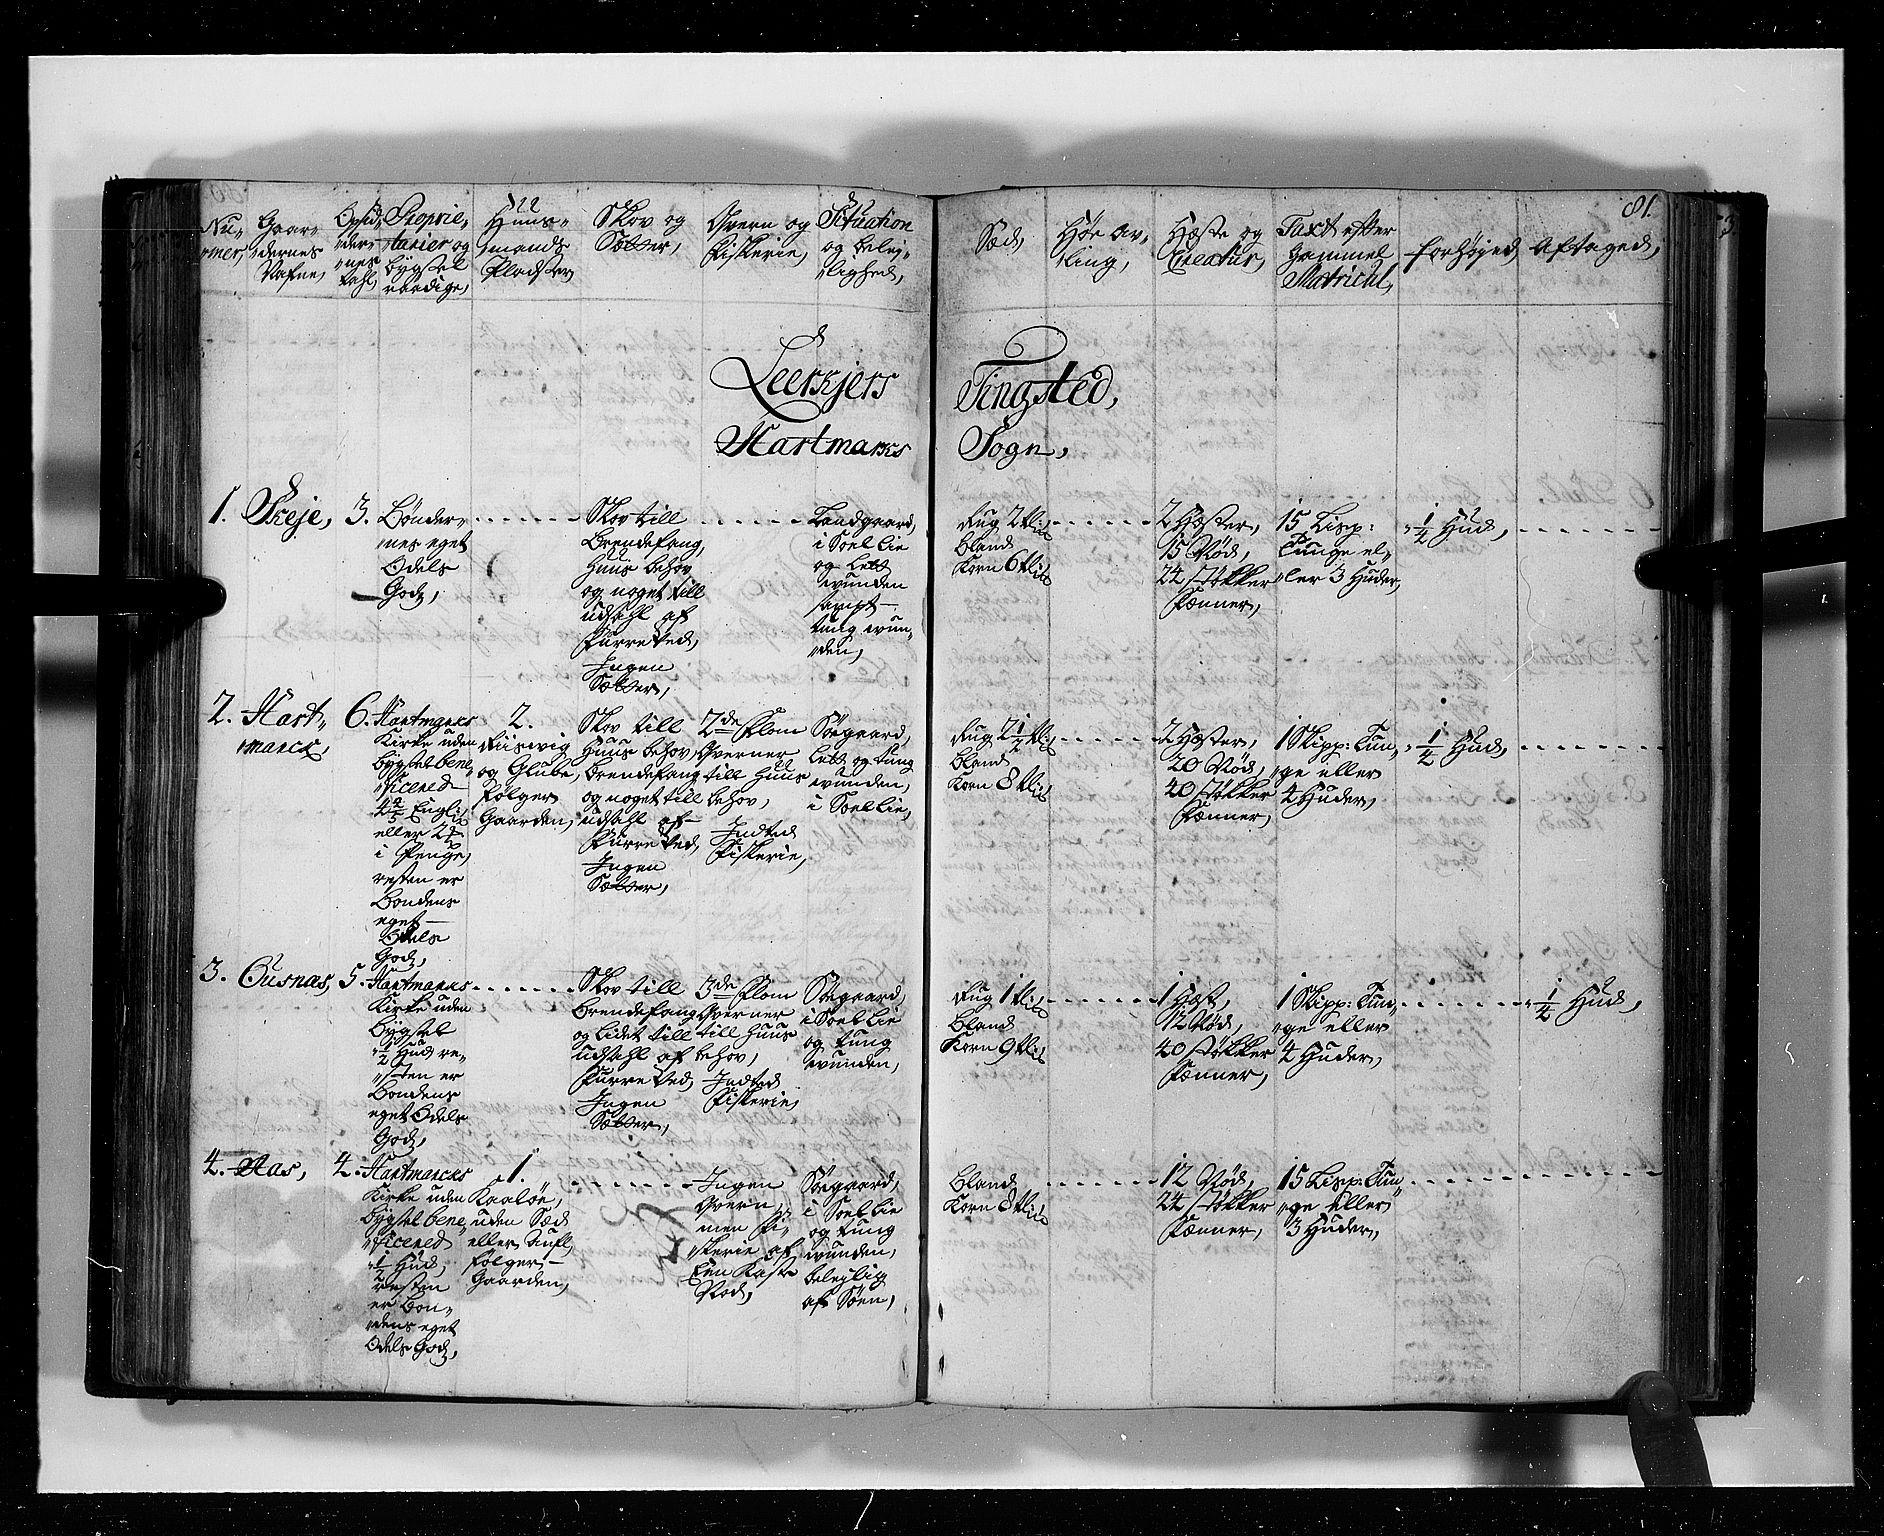 RA, Rentekammeret inntil 1814, Realistisk ordnet avdeling, N/Nb/Nbf/L0127: Mandal eksaminasjonsprotokoll, 1723, s. 80b-81a